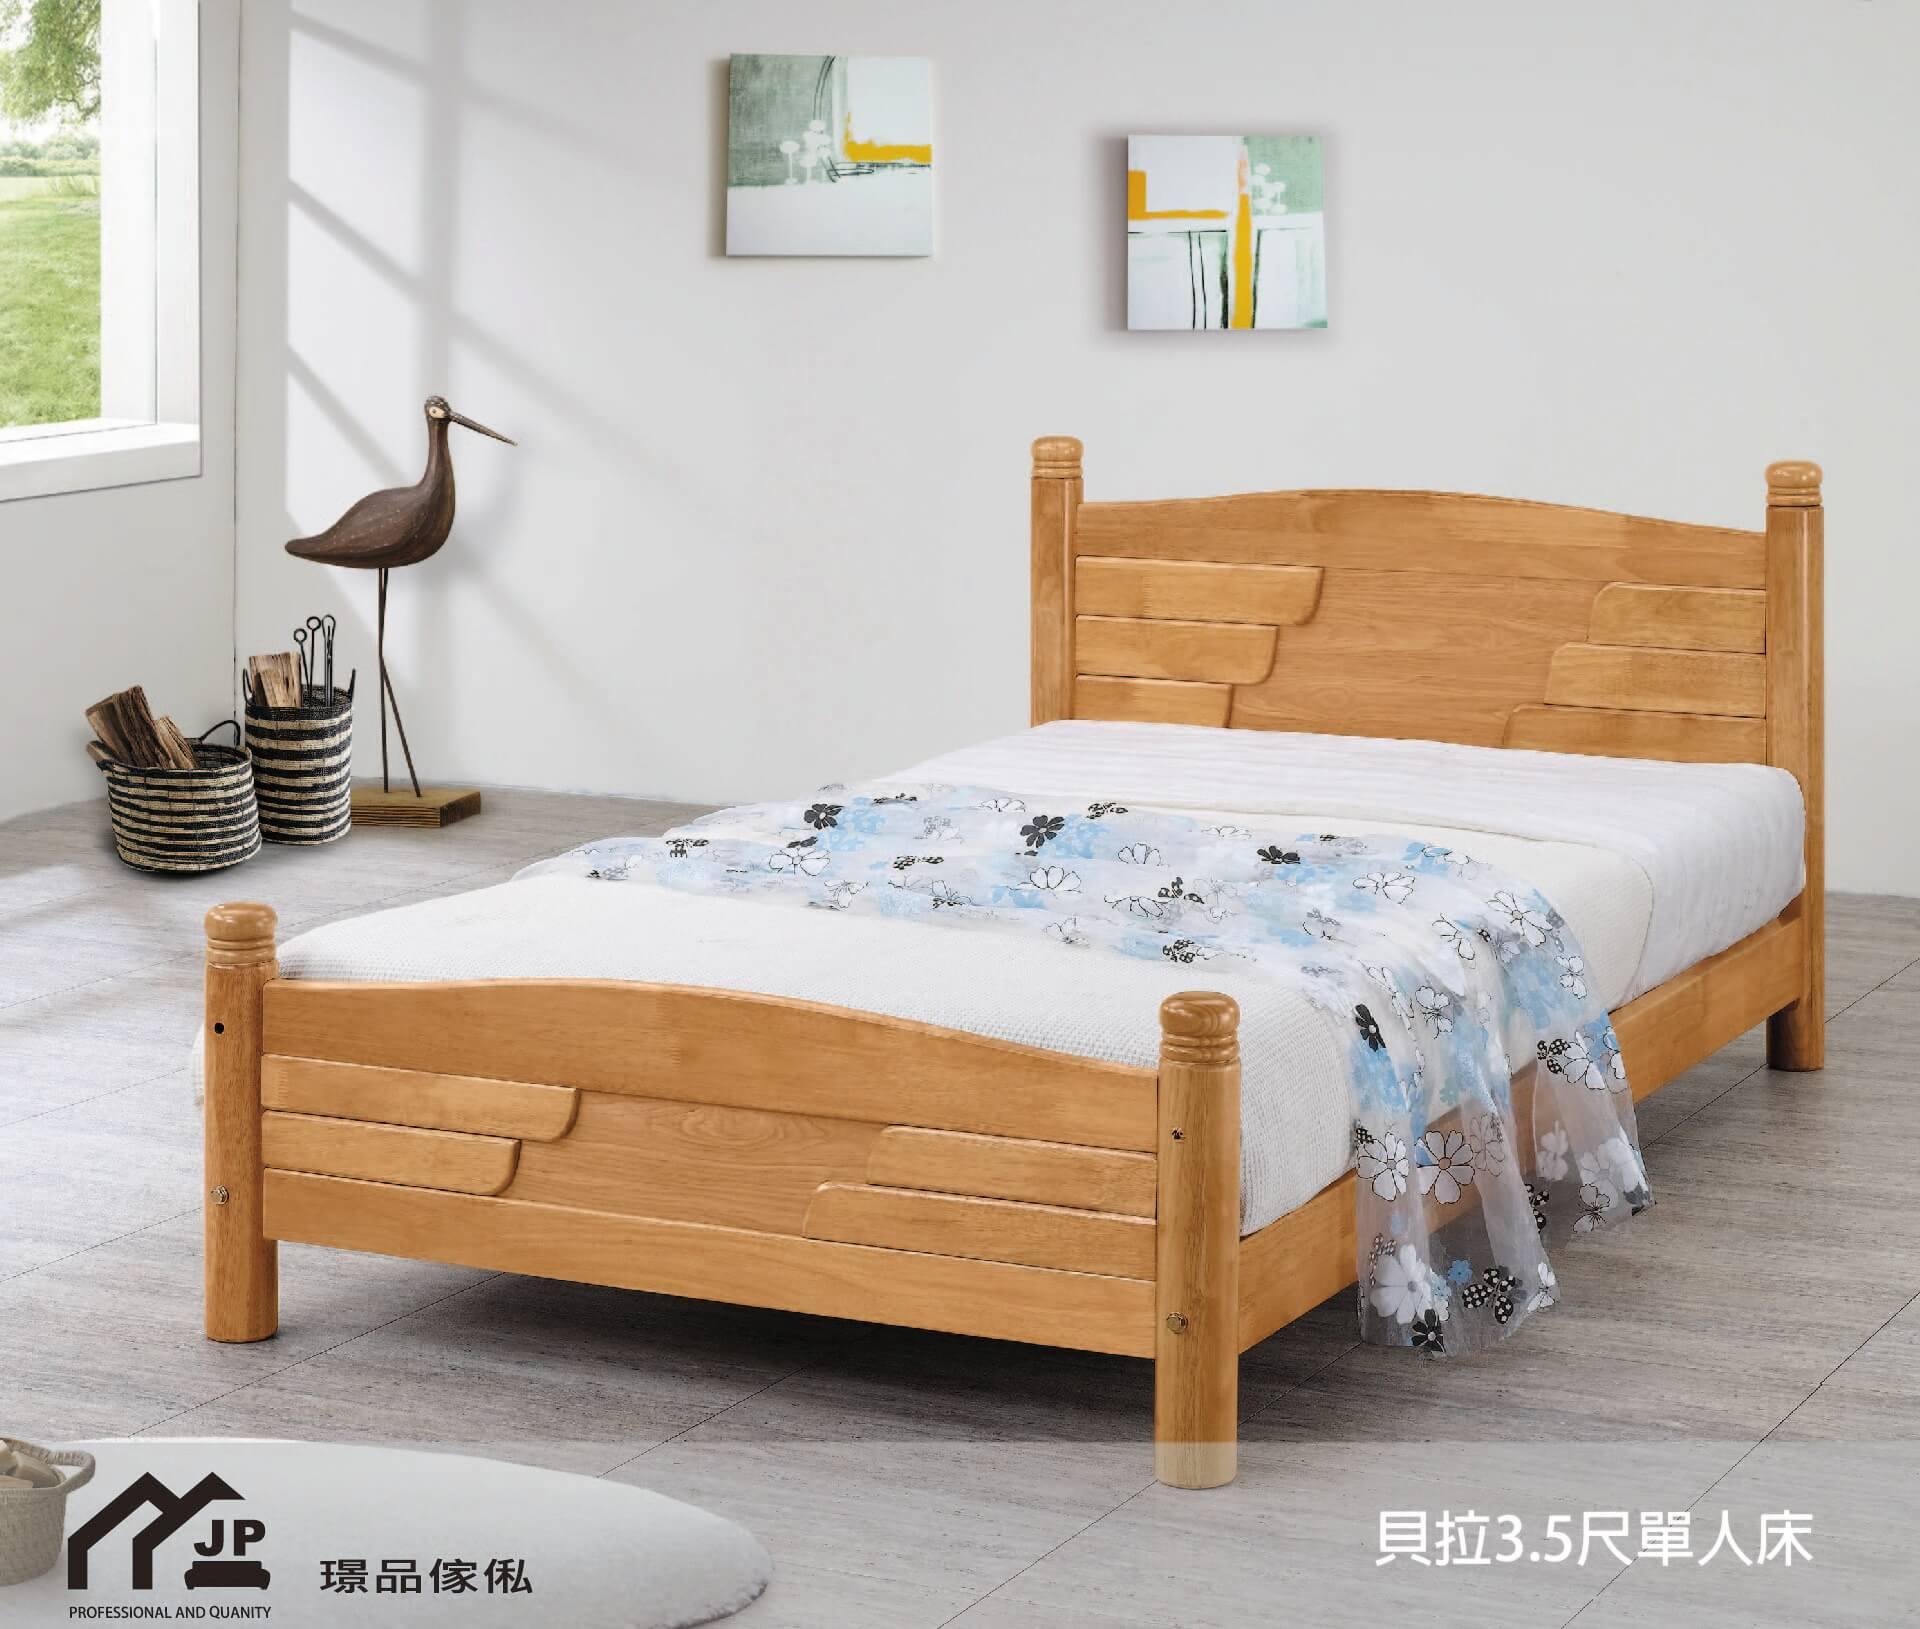 貝拉3.5尺單人床 - 璟品傢俬|沙發工廠直營門市